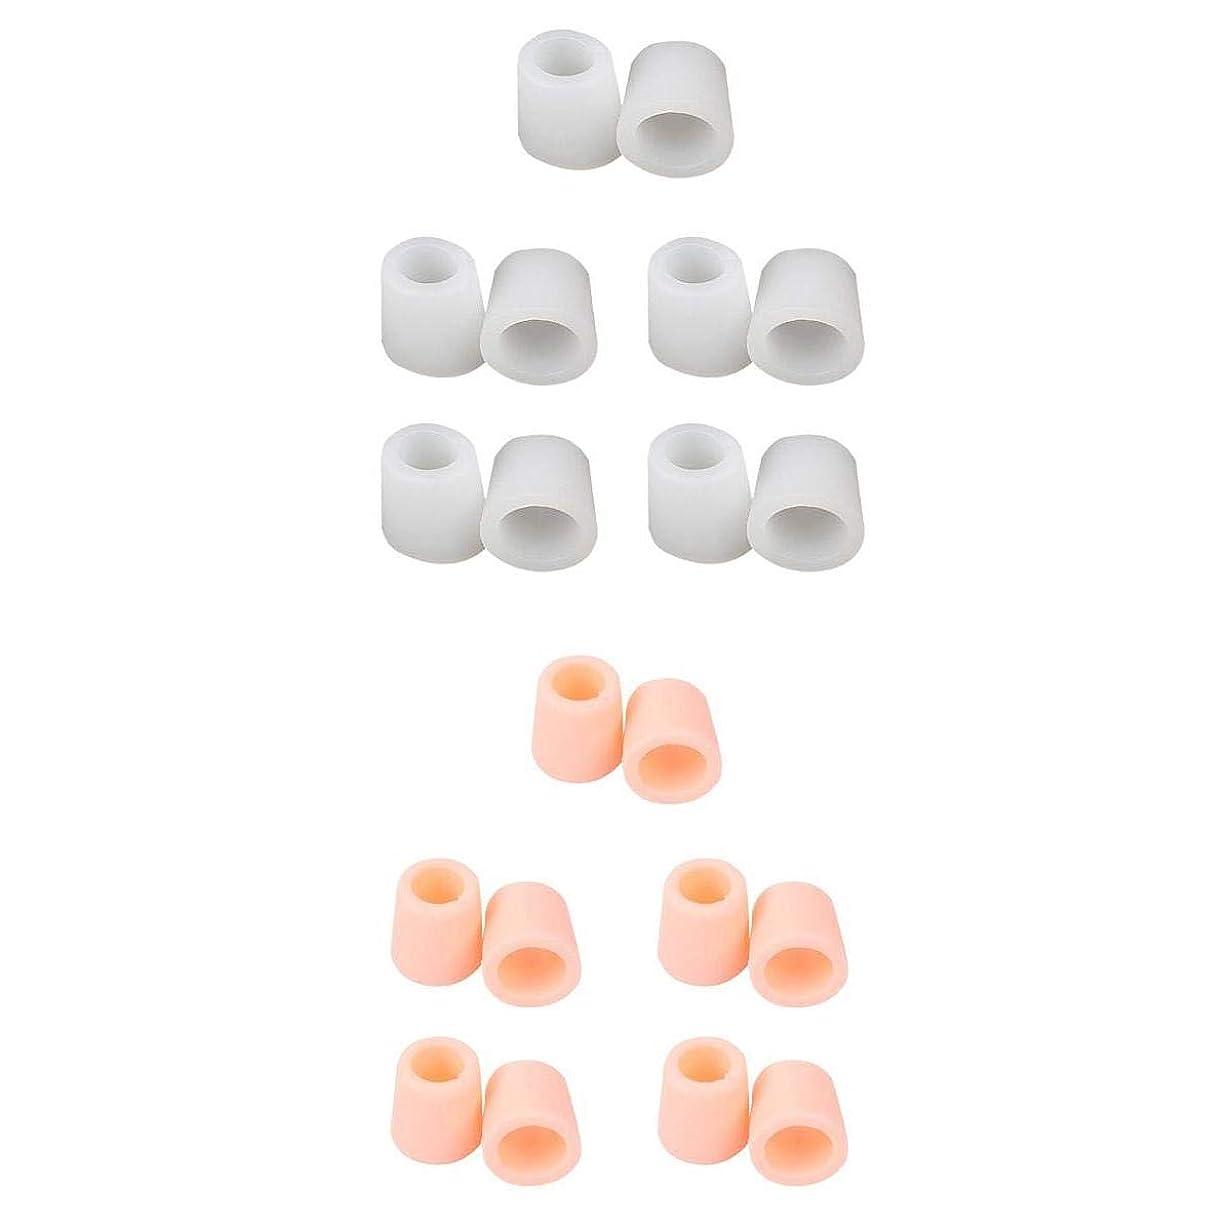 速い保持新しい意味足指保護キャップ つま先プロテクター 足 指 キャップ 柔軟 洗える 耐久性 ユニセックス 10ペア